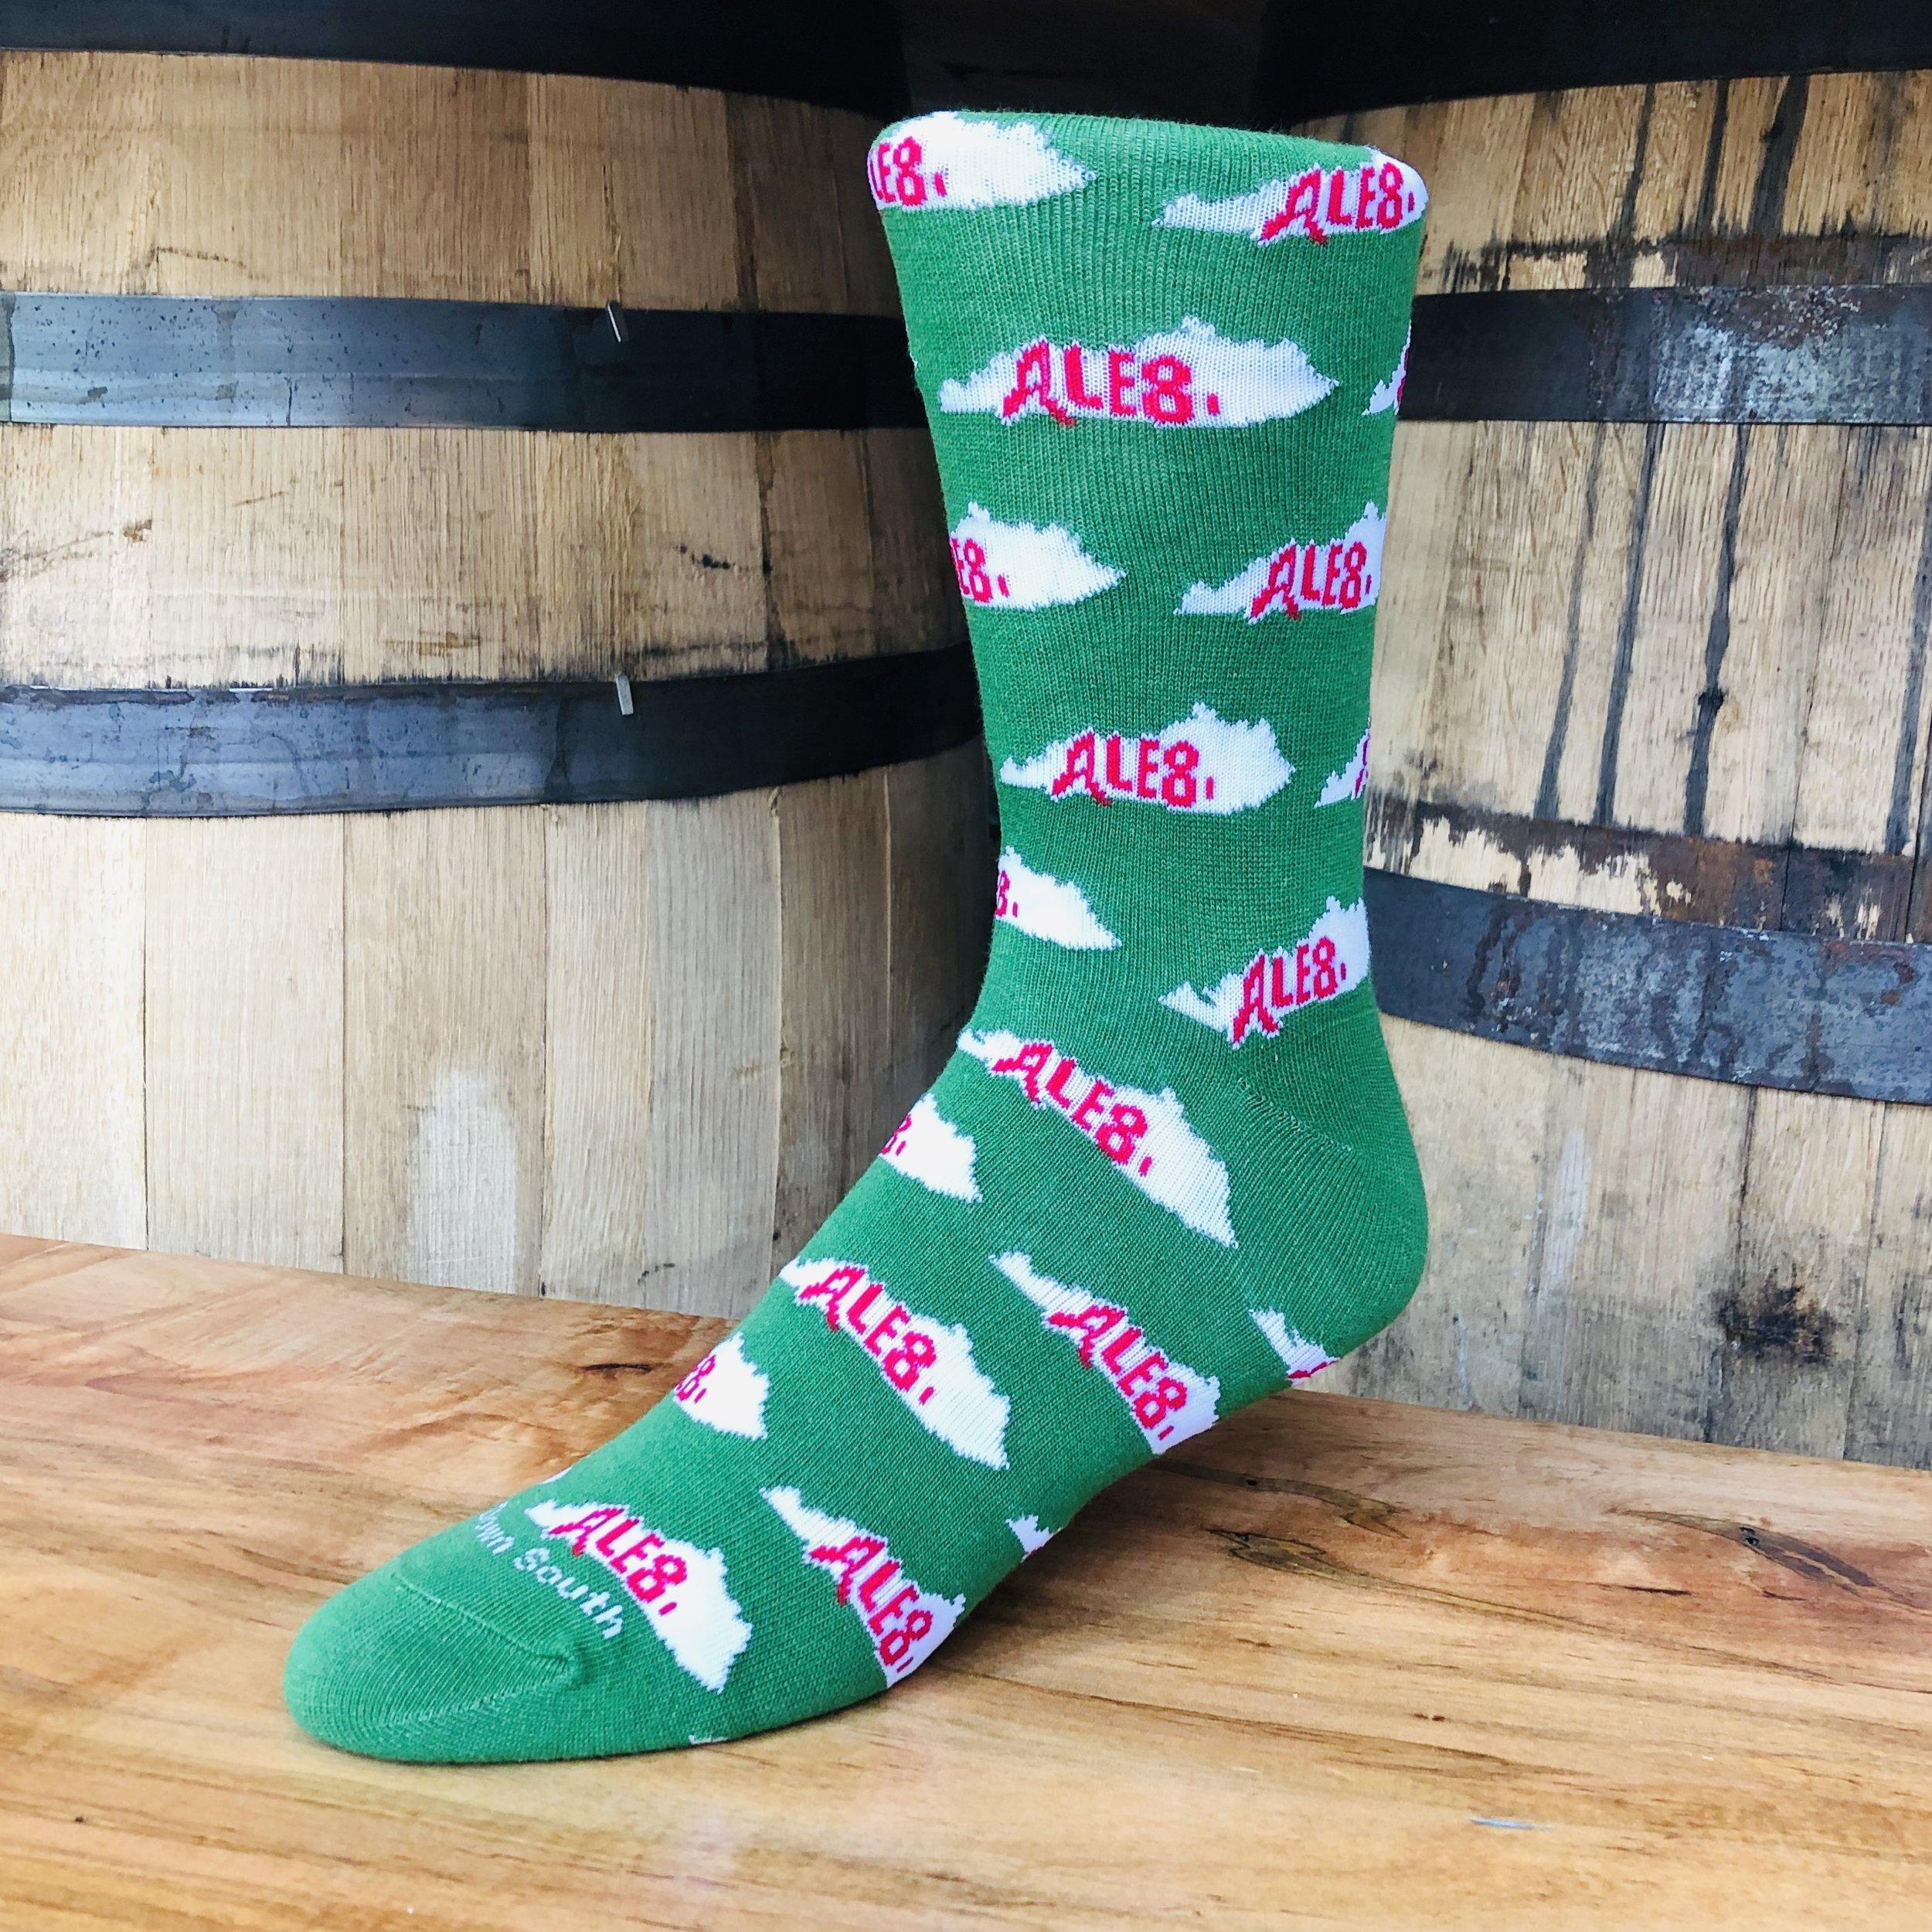 ale8-sock.jpg